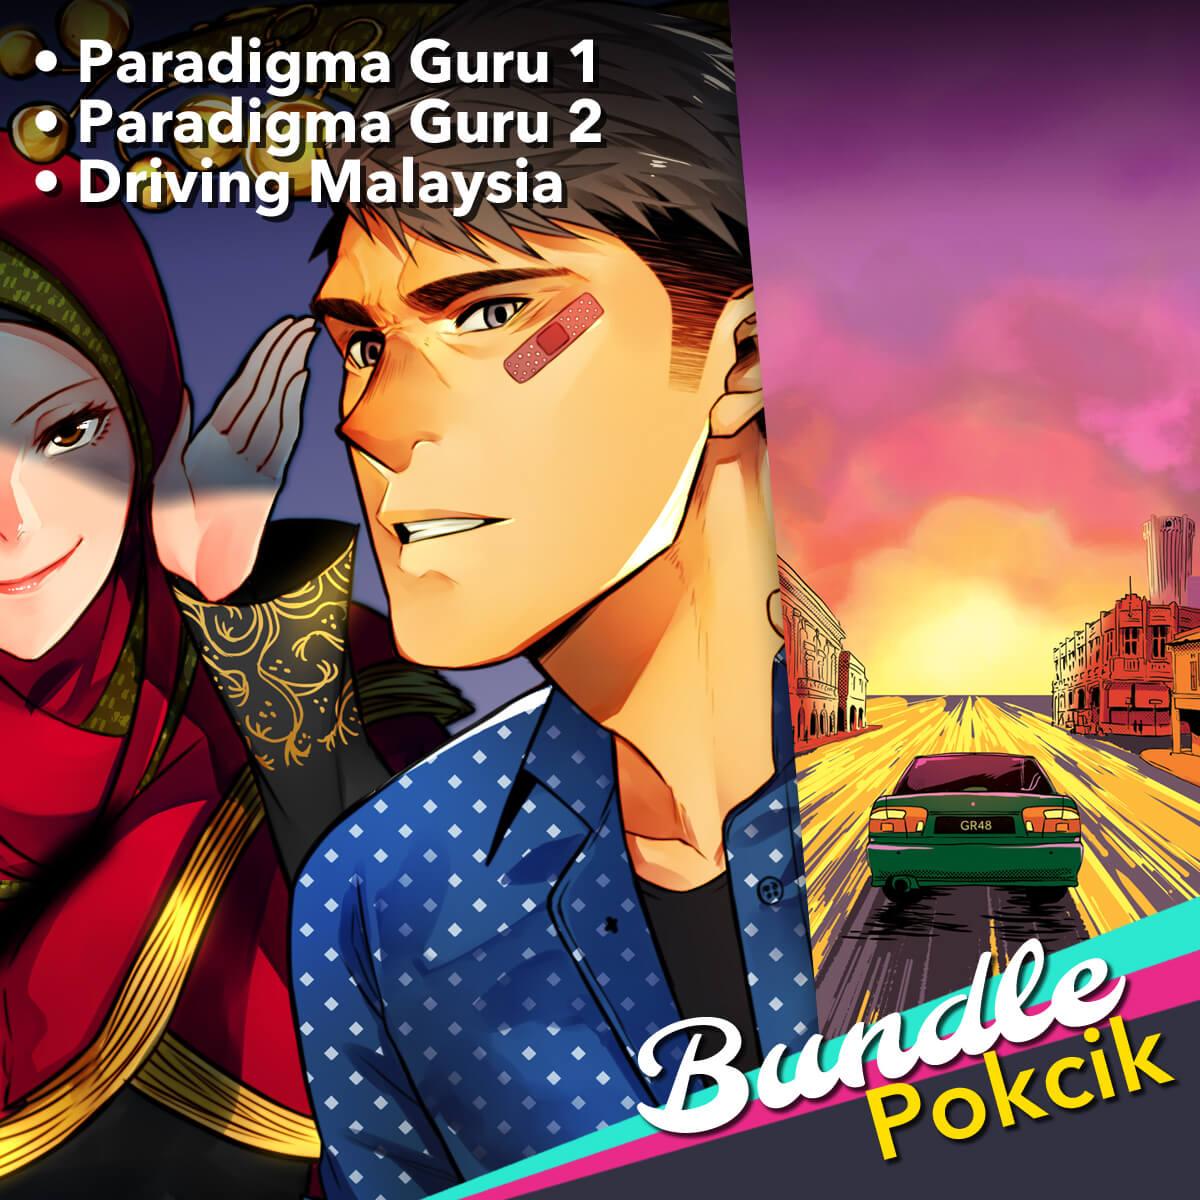 bundle-pokcik-1547996258.jpg